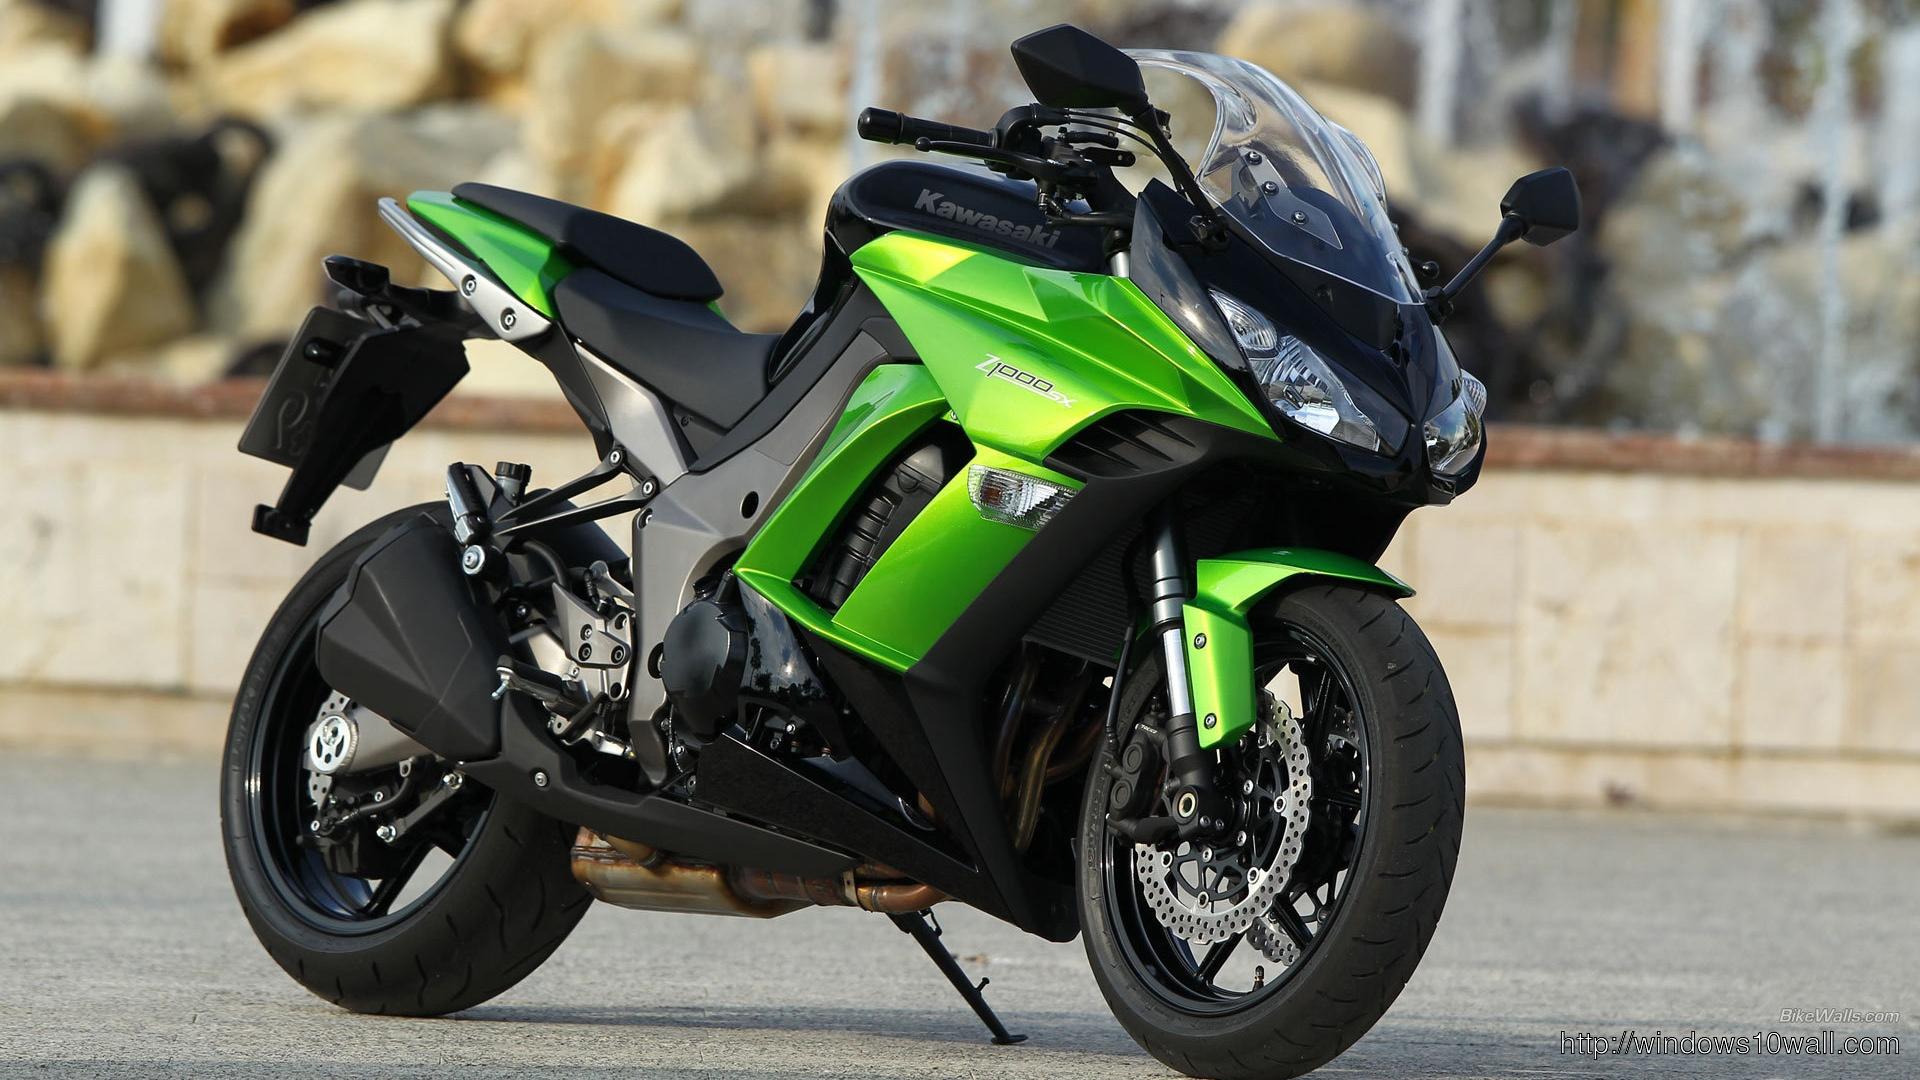 Kawasaki Z1000sx Bike